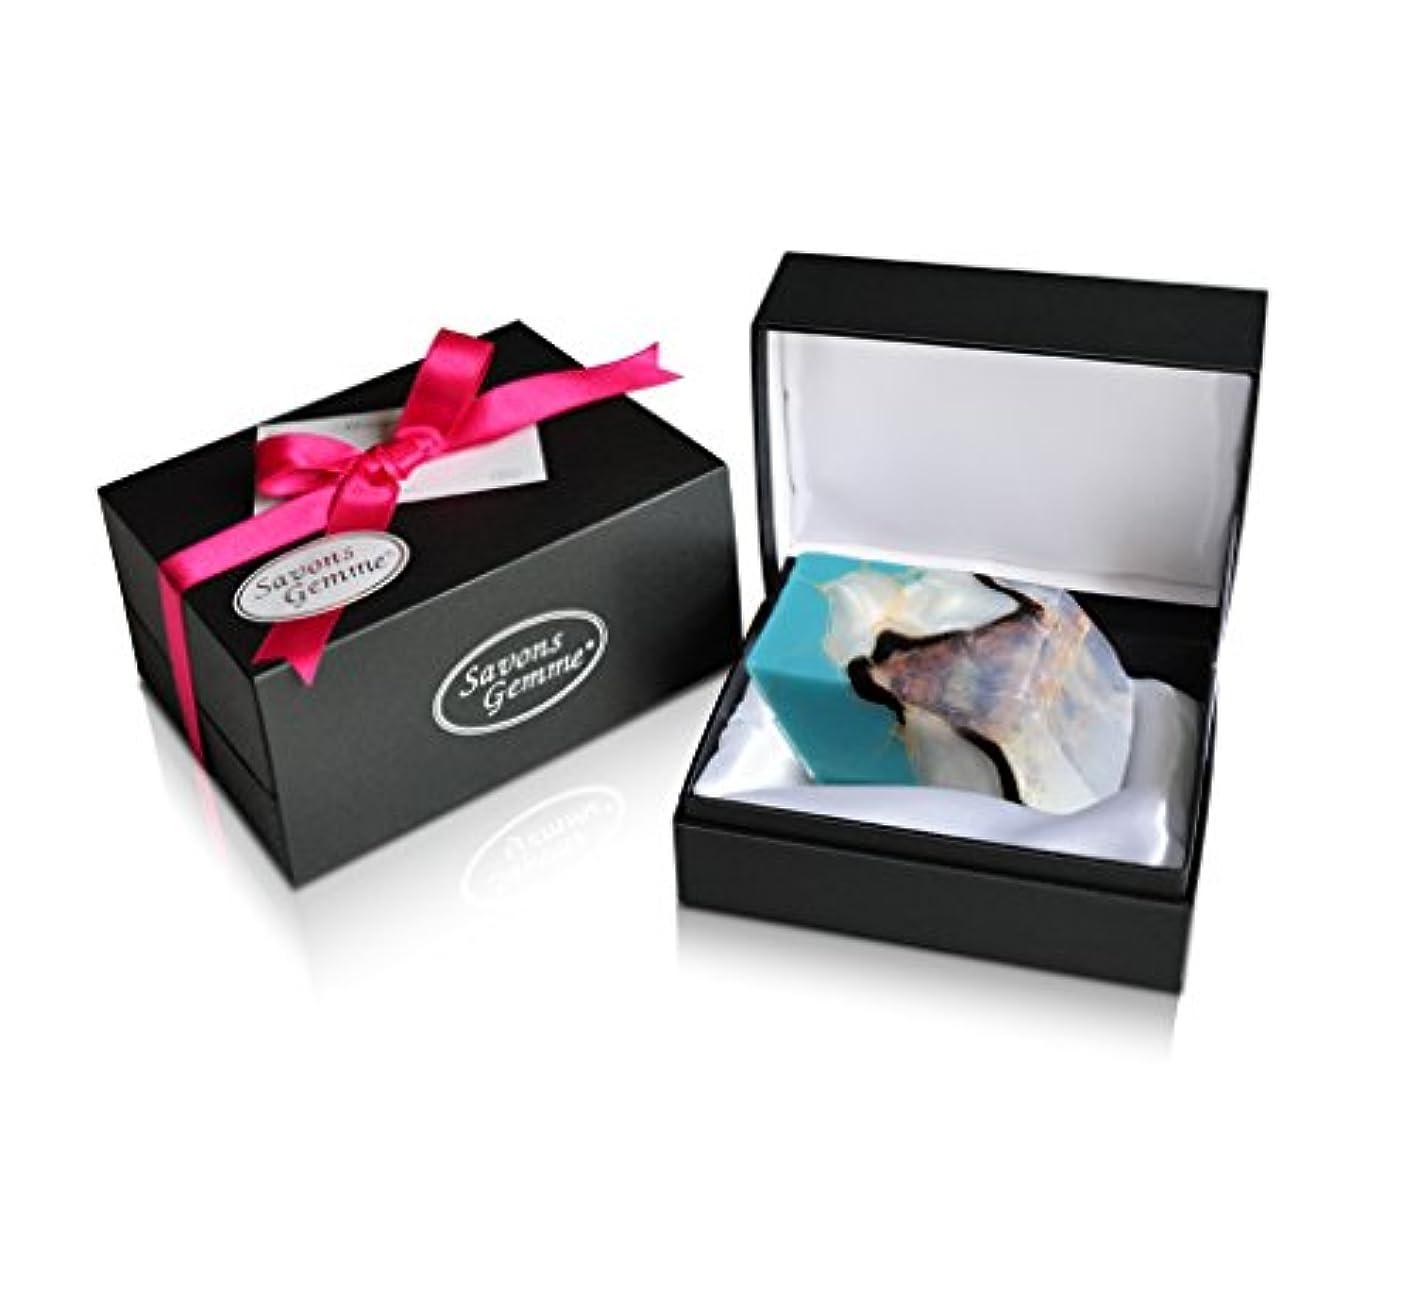 シャー剃るモンクSavons Gemme サボンジェム ジュエリーギフトボックス 世界で一番美しい宝石石鹸 フレグランス ソープ ターコイズ 170g